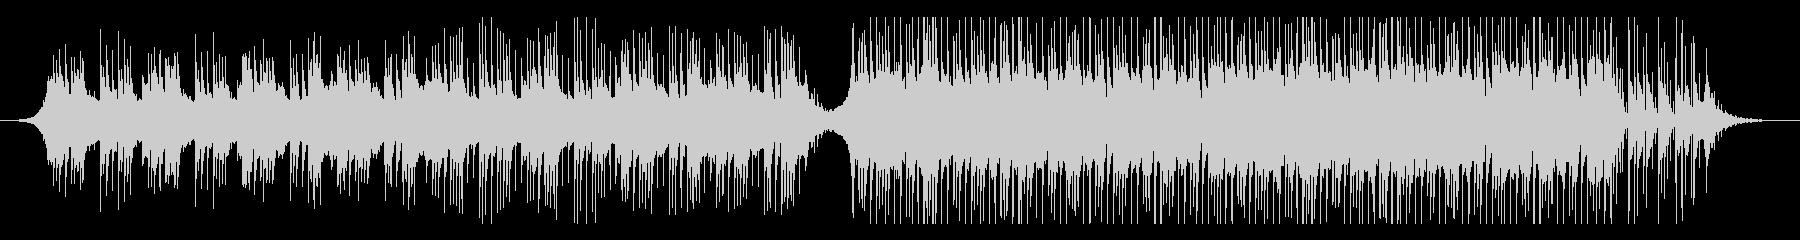 これはラマダンですの未再生の波形